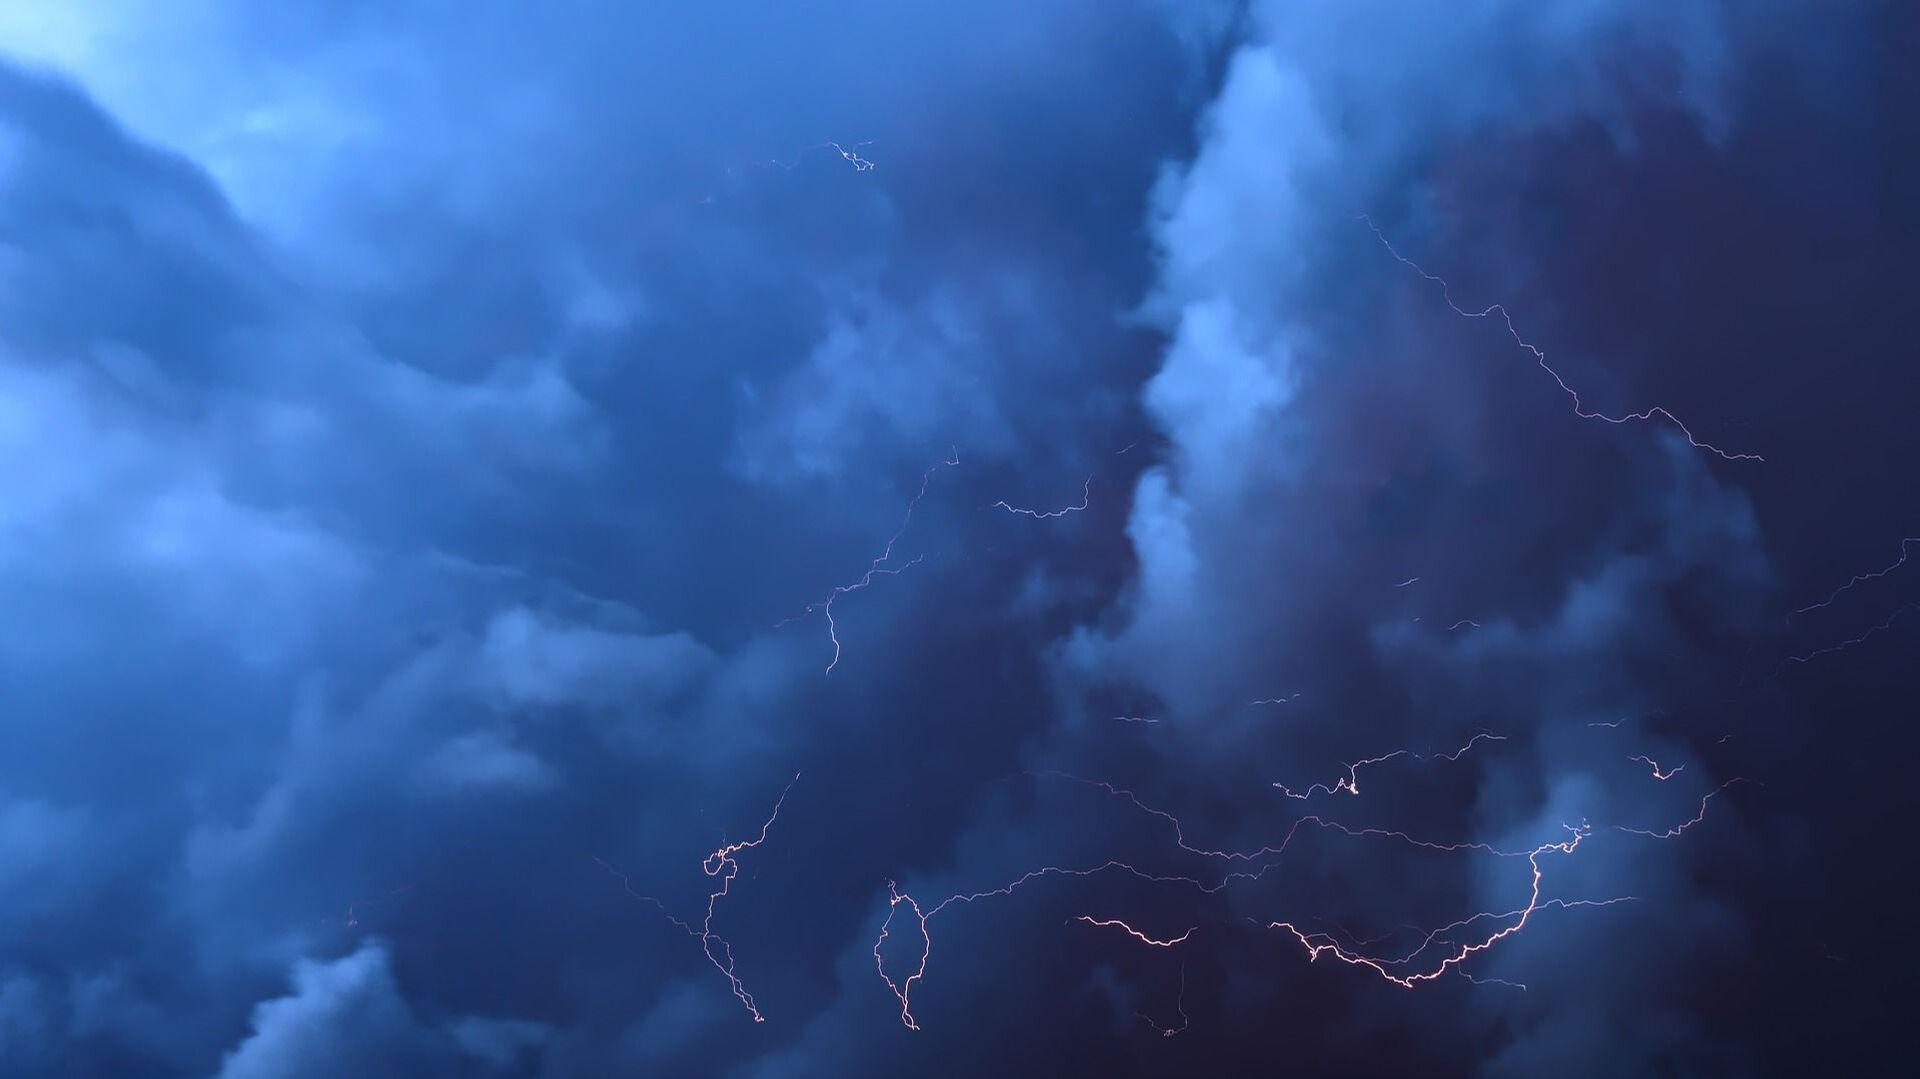 Orage, éclairs, nuages - Sputnik France, 1920, 10.09.2021